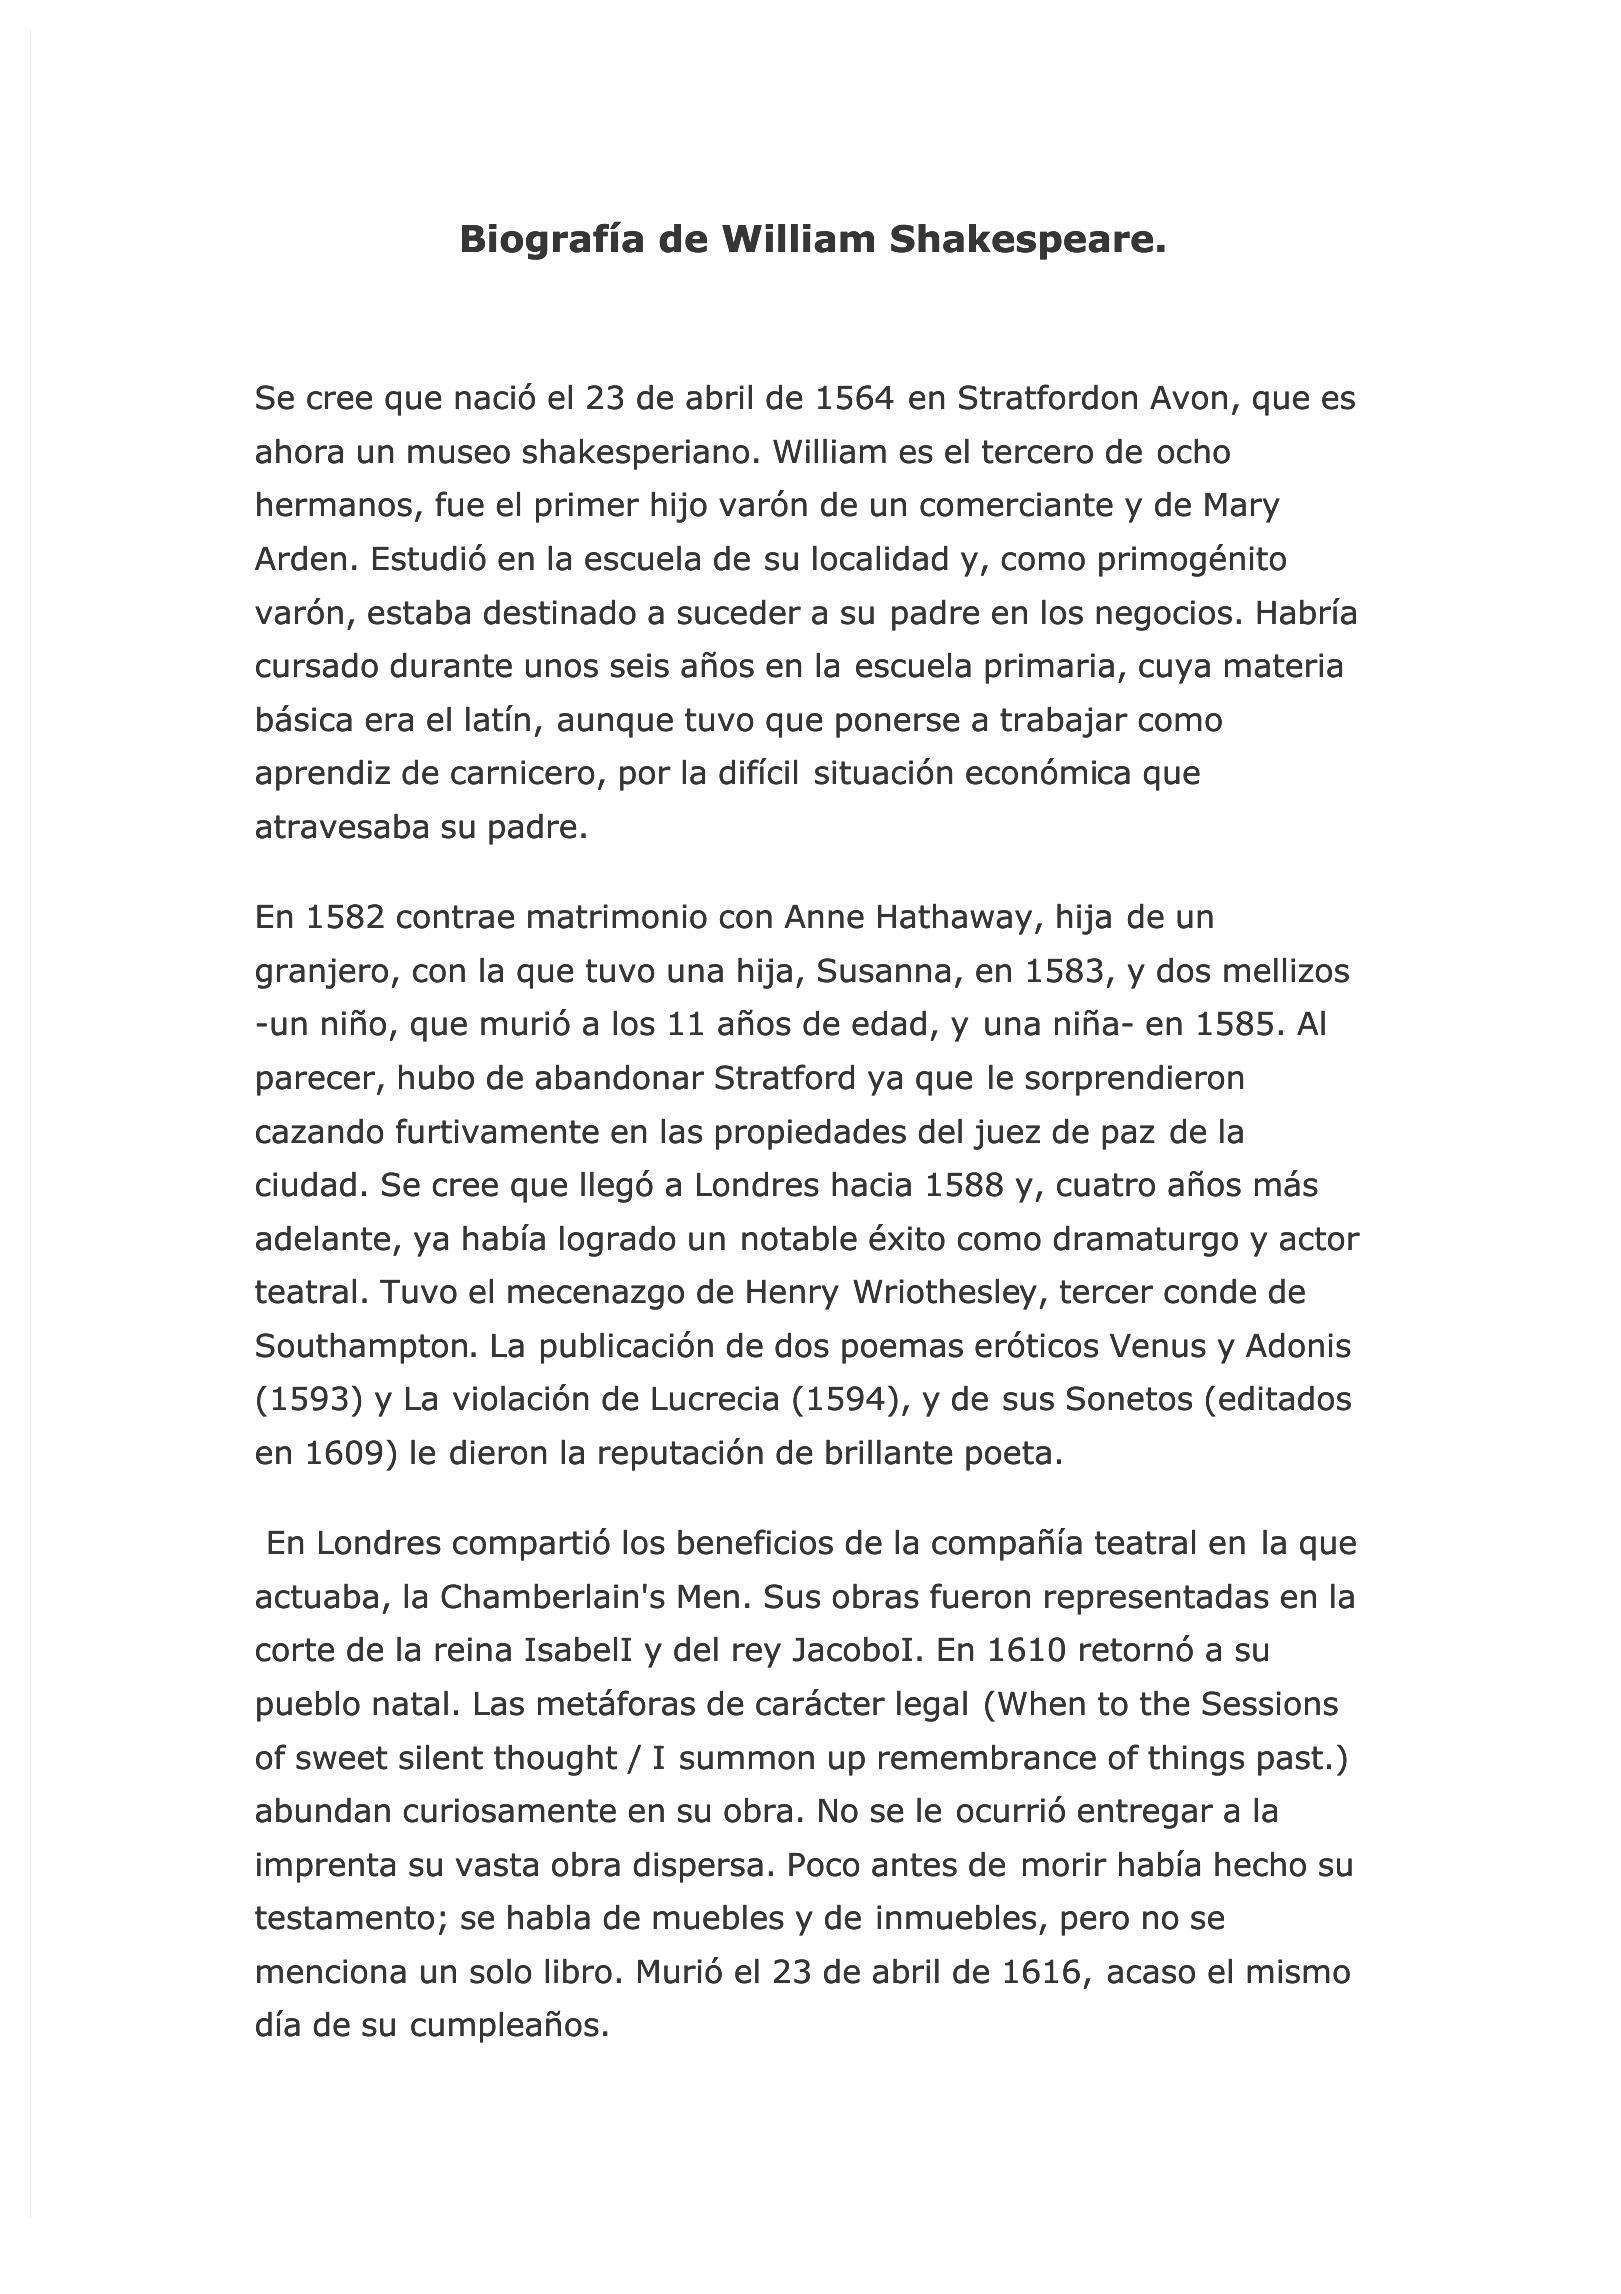 Pdf Analisis Literario De Romeo Y Julieta Compress